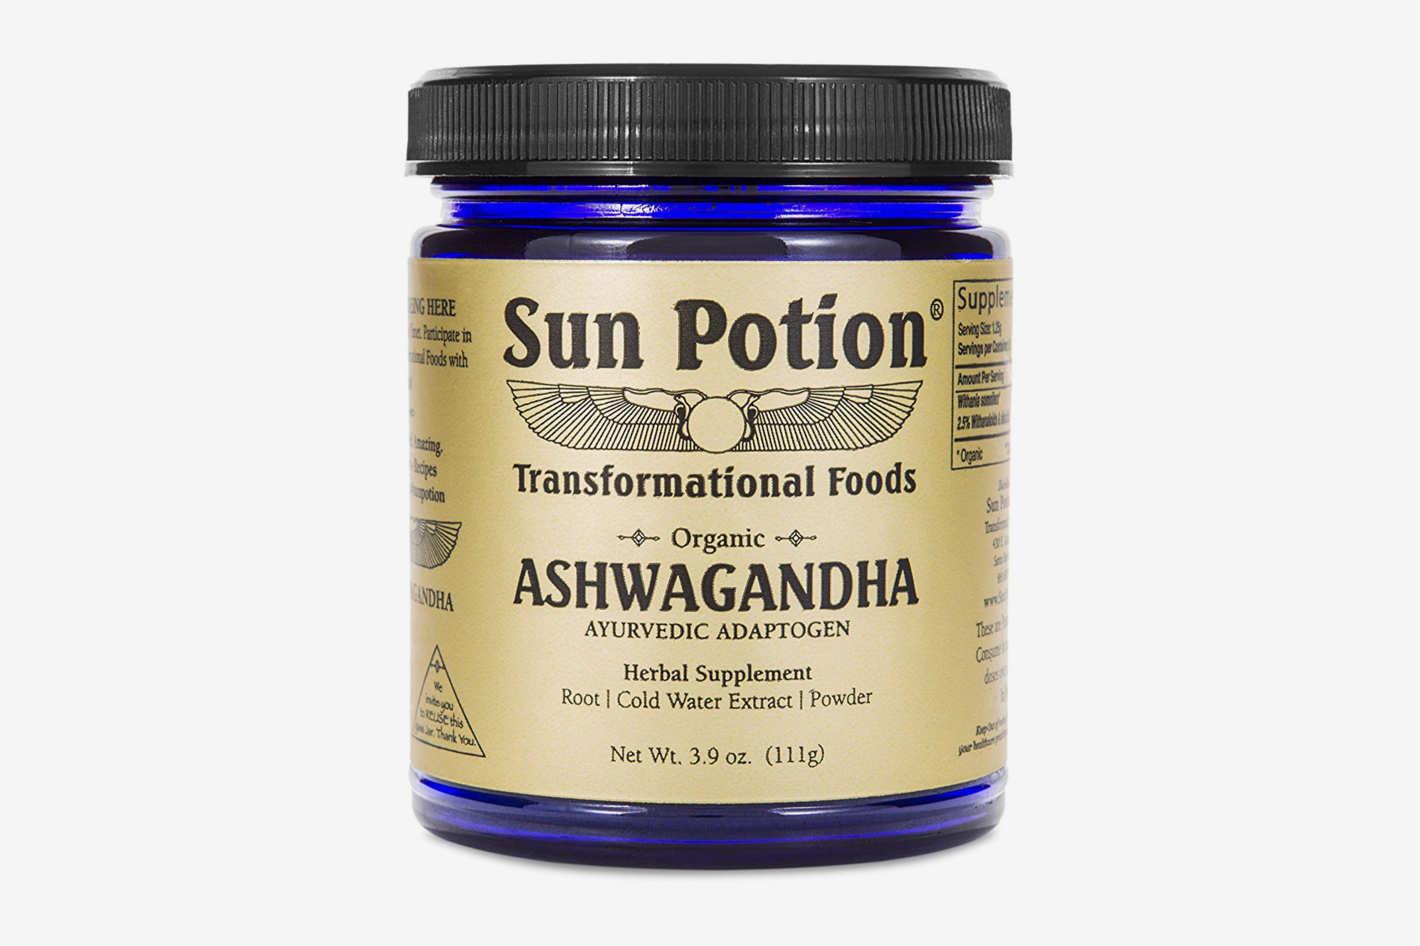 Sun Potion Ashwagandha Powder